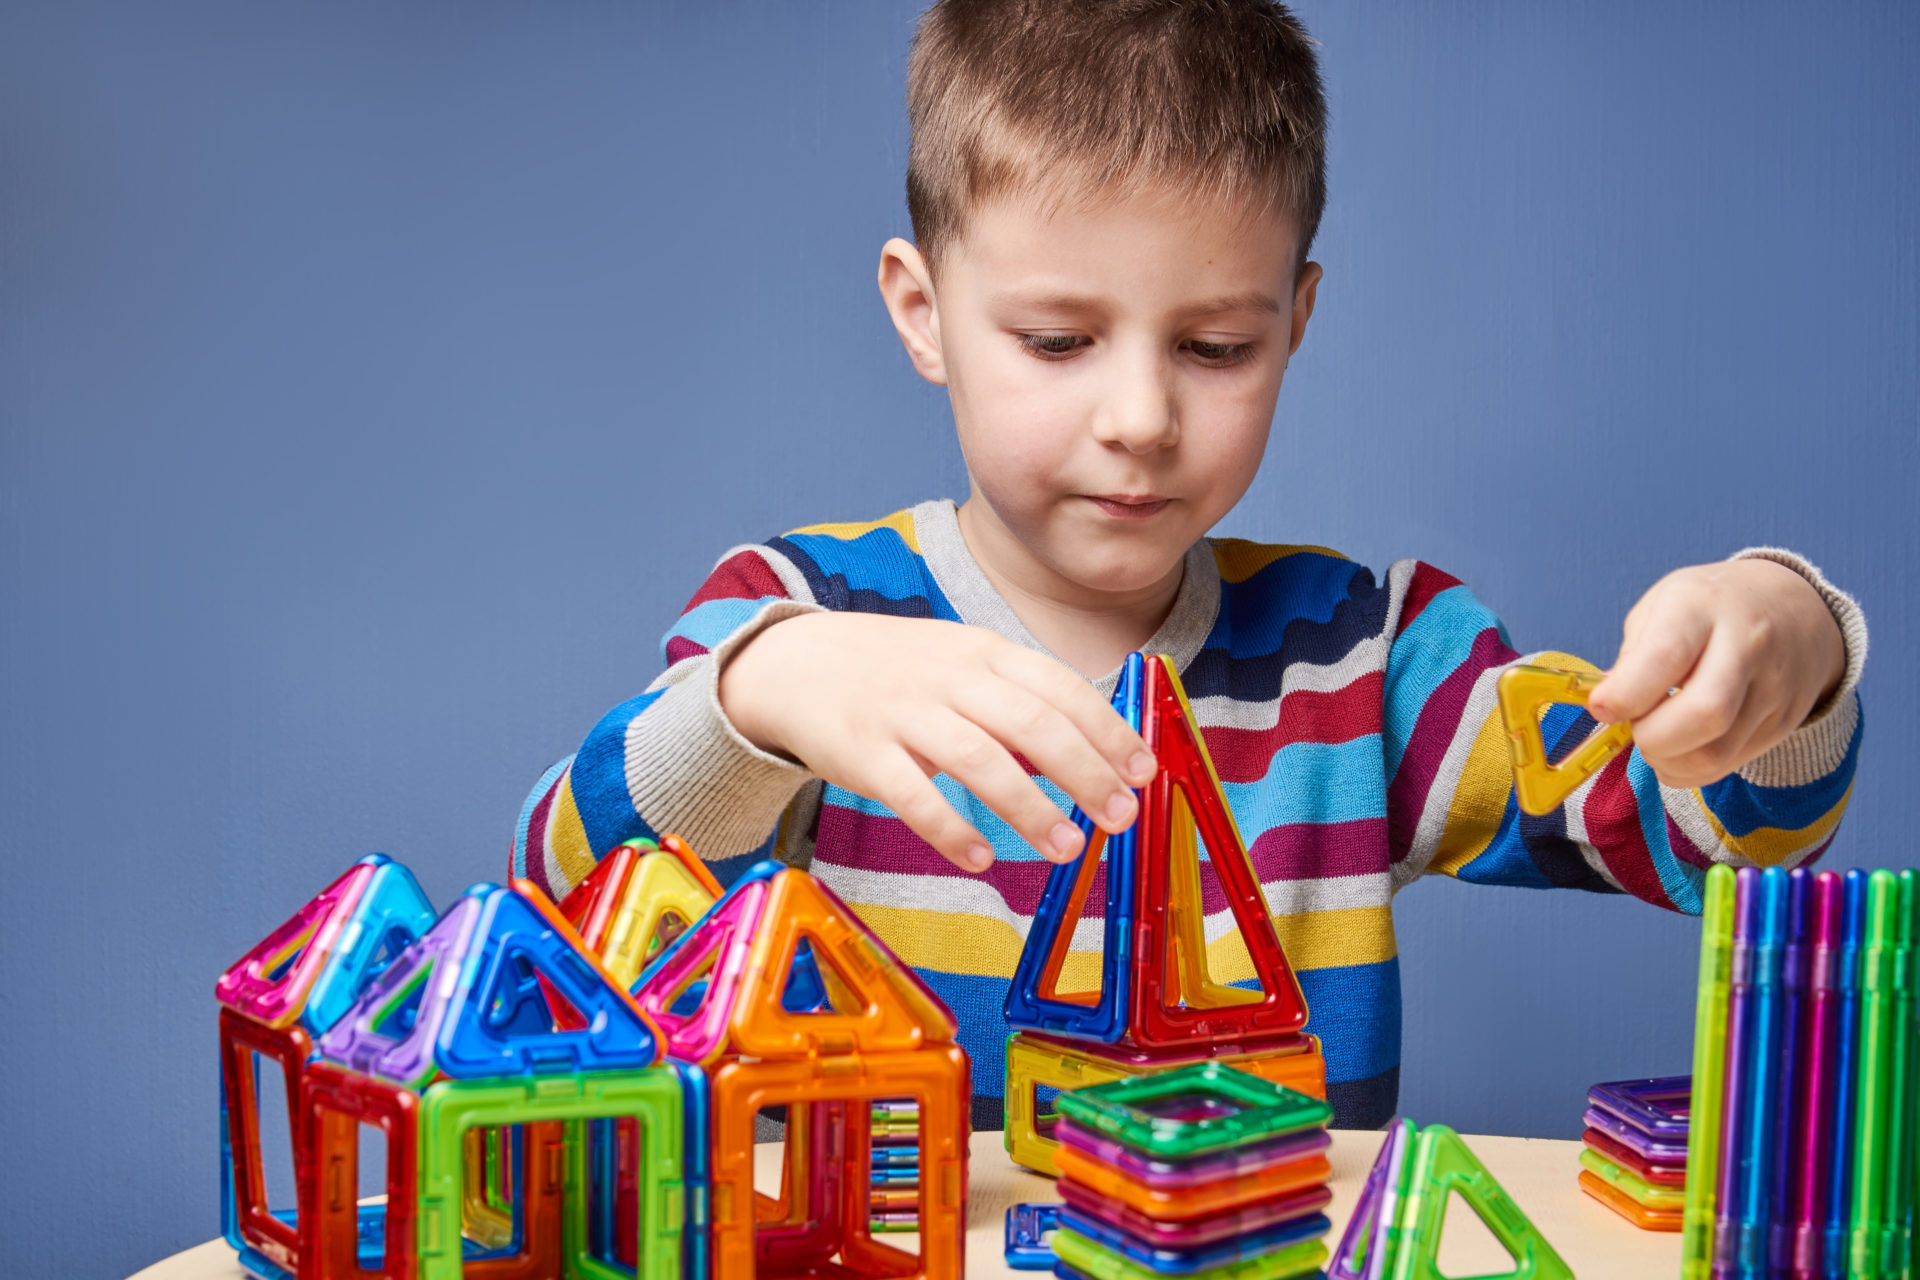 Idées Cadeau Anniversaire Garçon De 6 Ans, 7 Ans, 8 Ans, 9 destiné Jeux Educatif 4 5 Ans